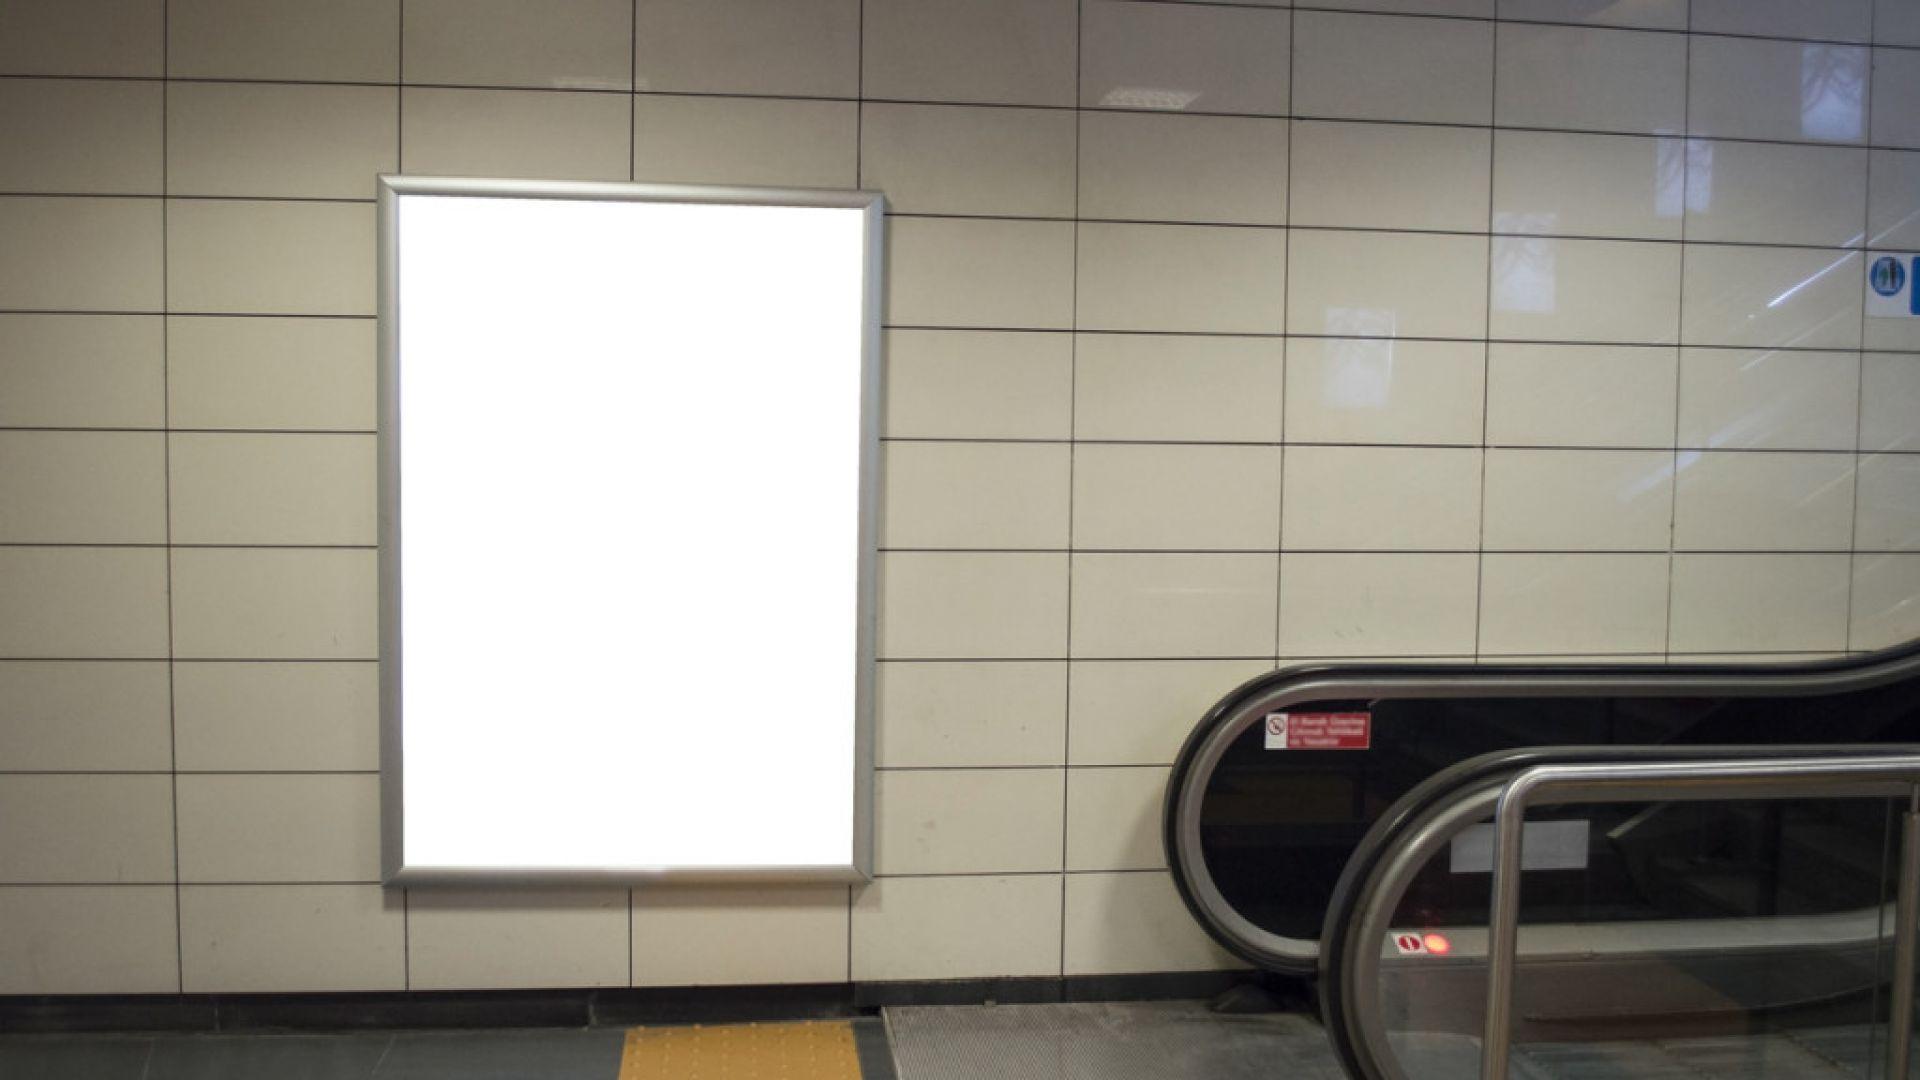 Ескалатор в метрото смени посоката и уплаши пътниците